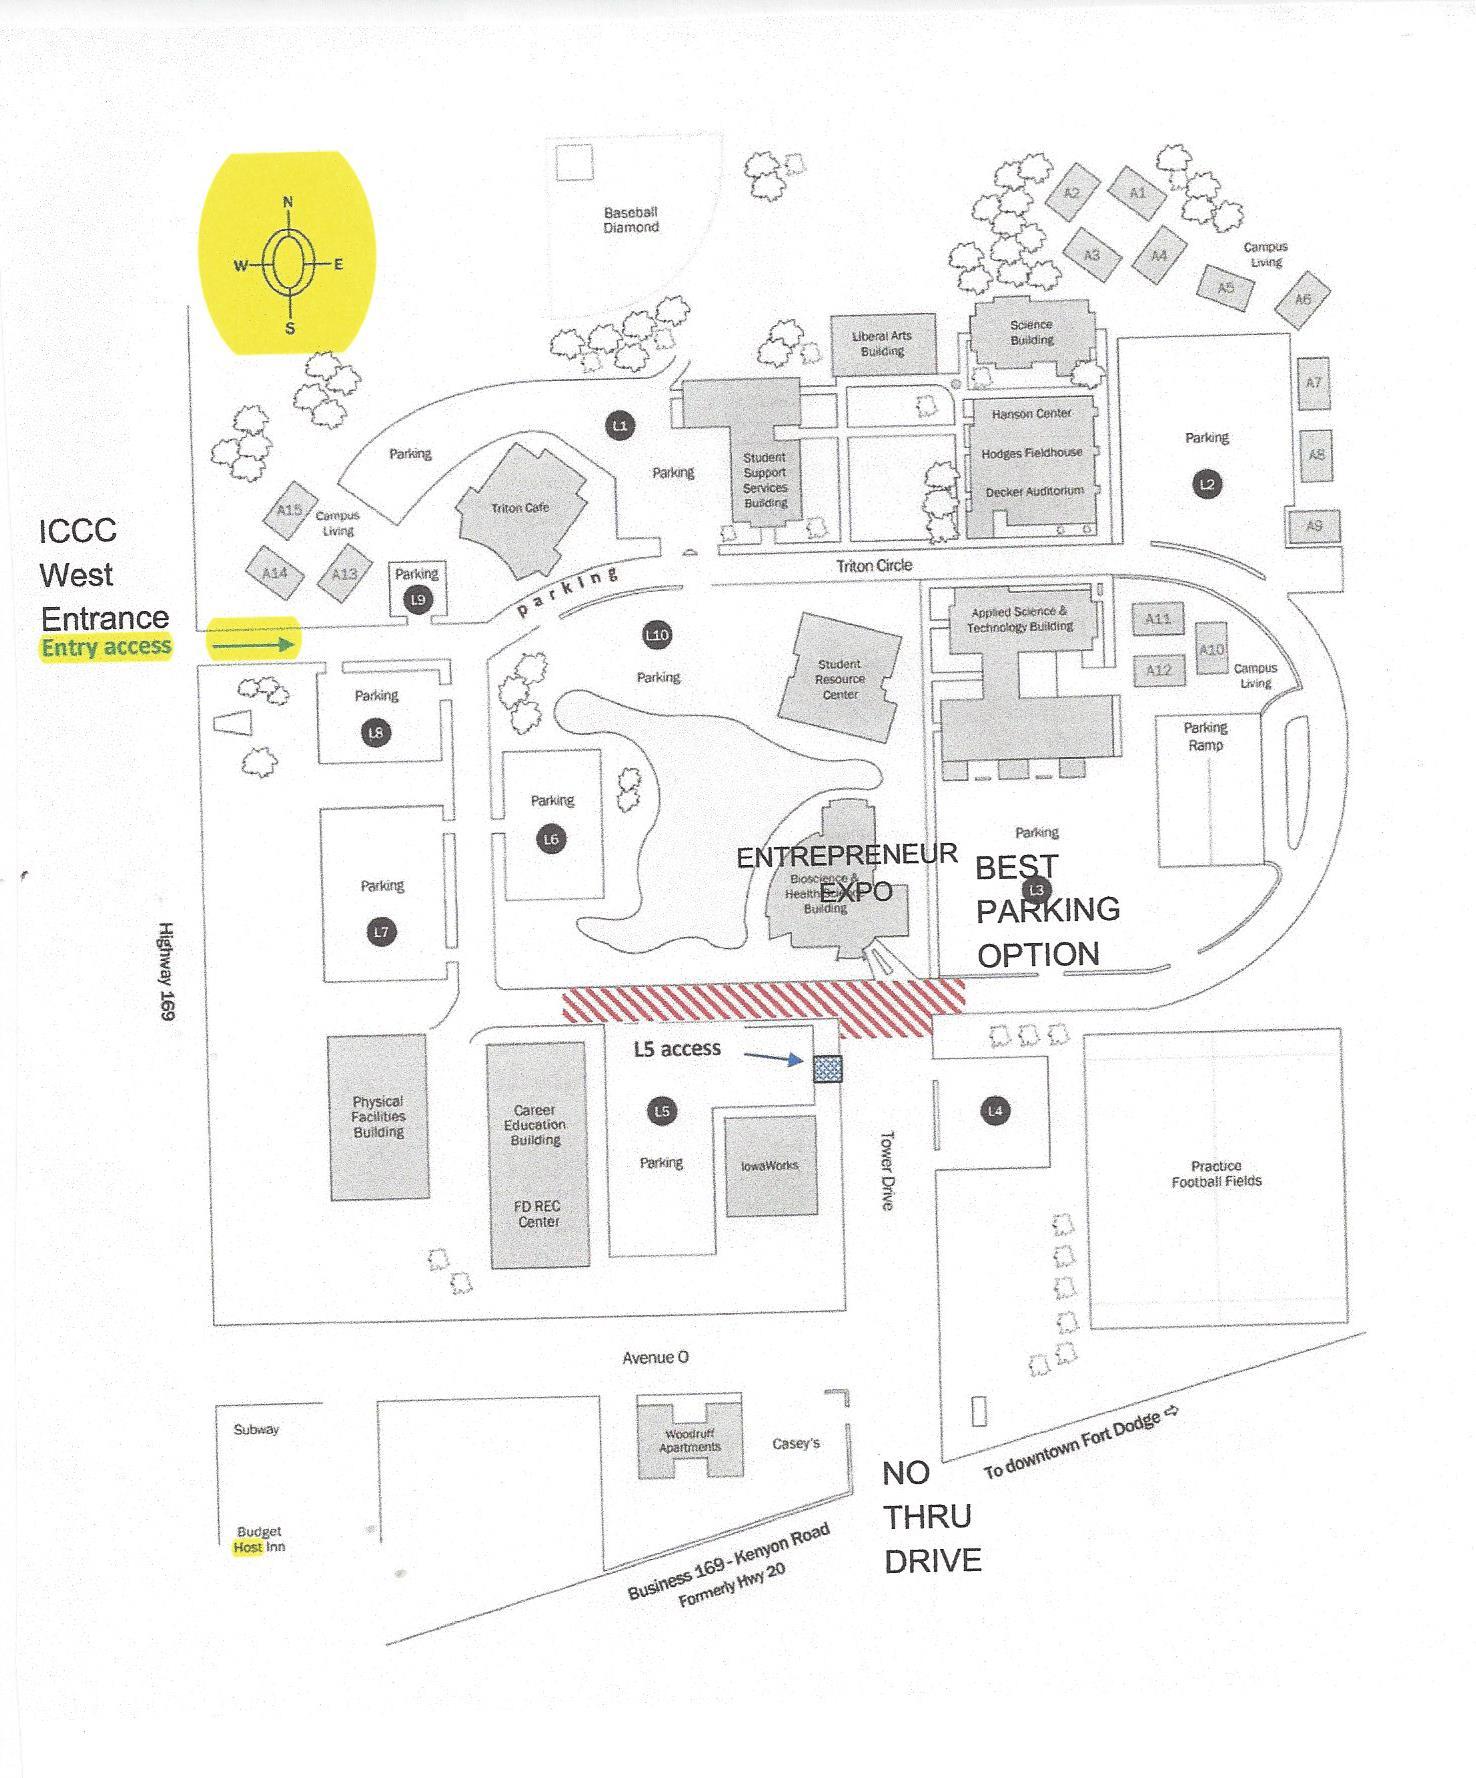 Unf college campus map